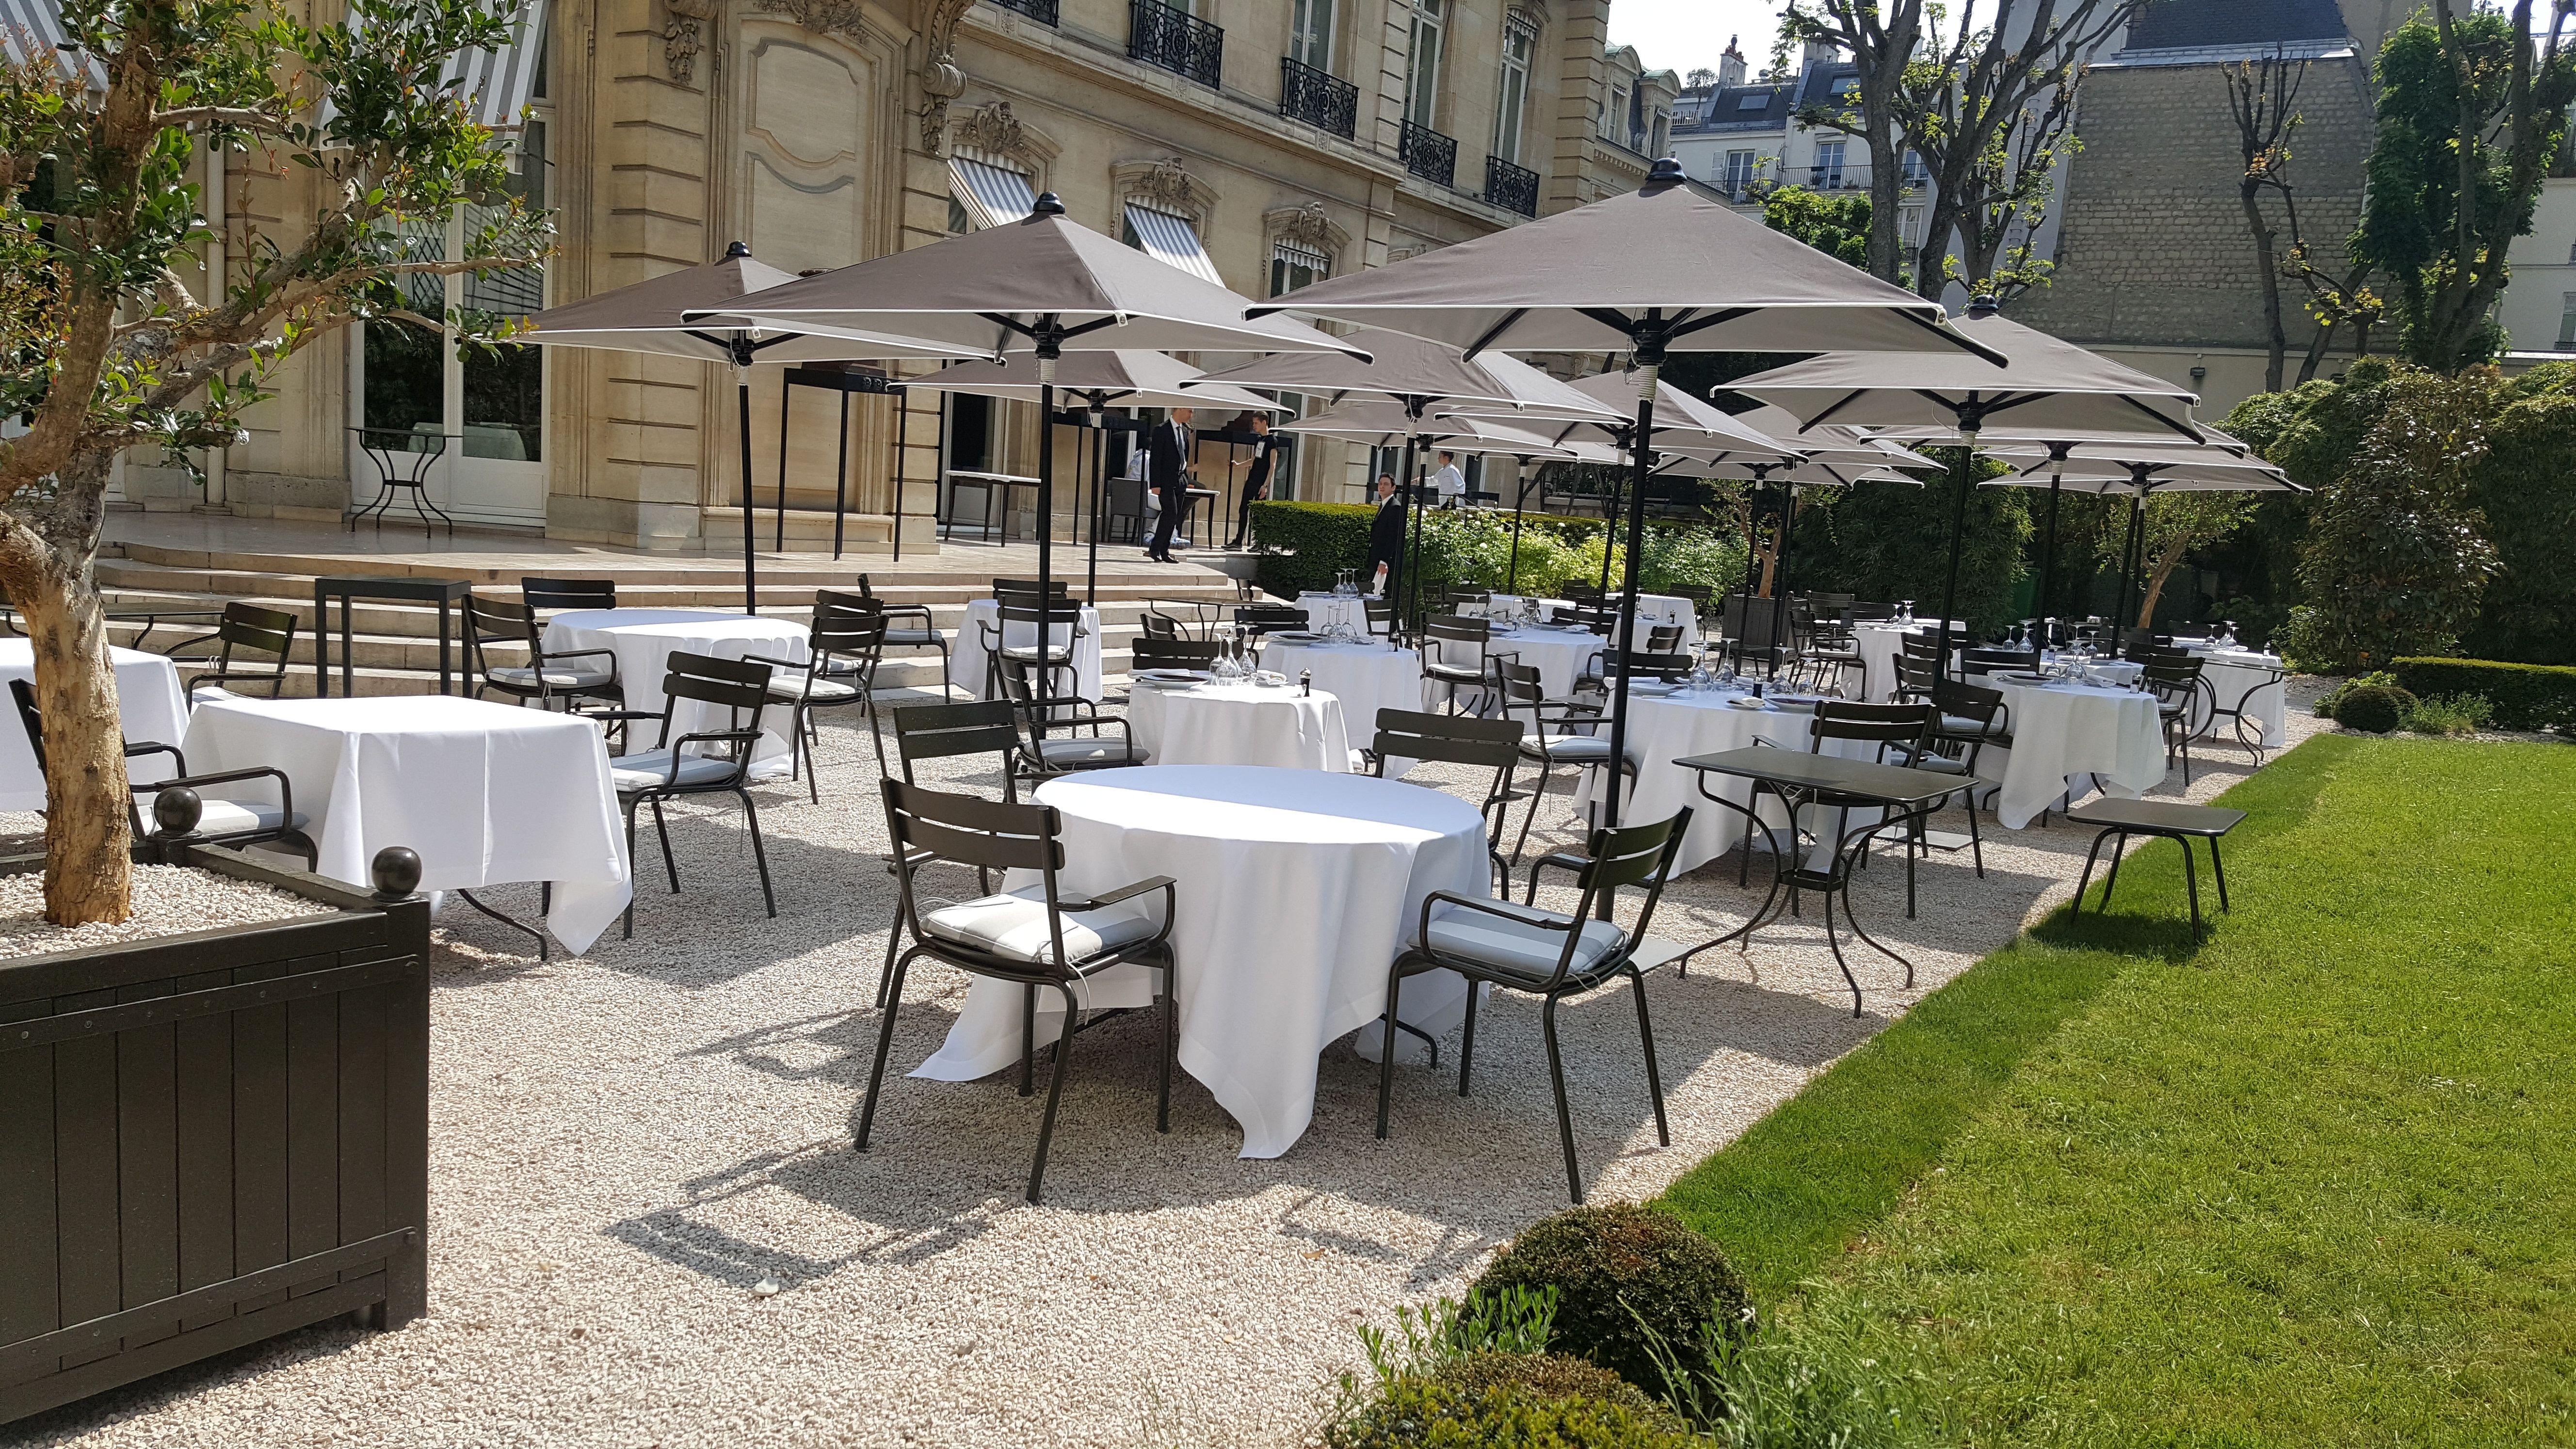 Table Chaise Coussins Personnalise Terrasse Restaurant Mobilier Exterieur